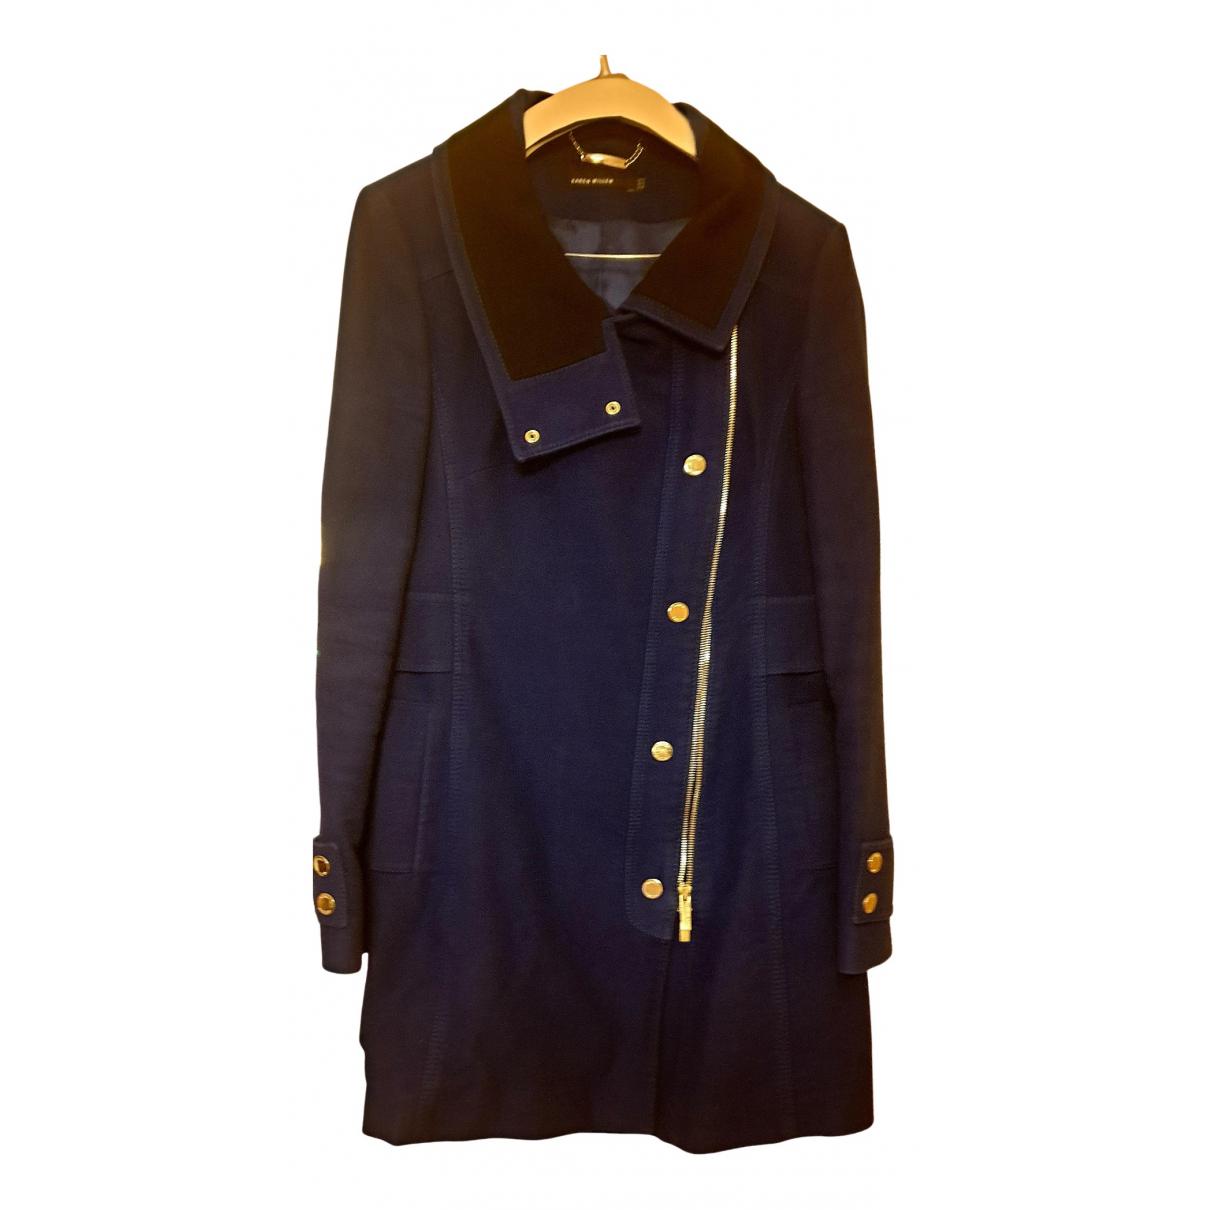 Karen Millen N Purple Cotton coat for Women 14 UK